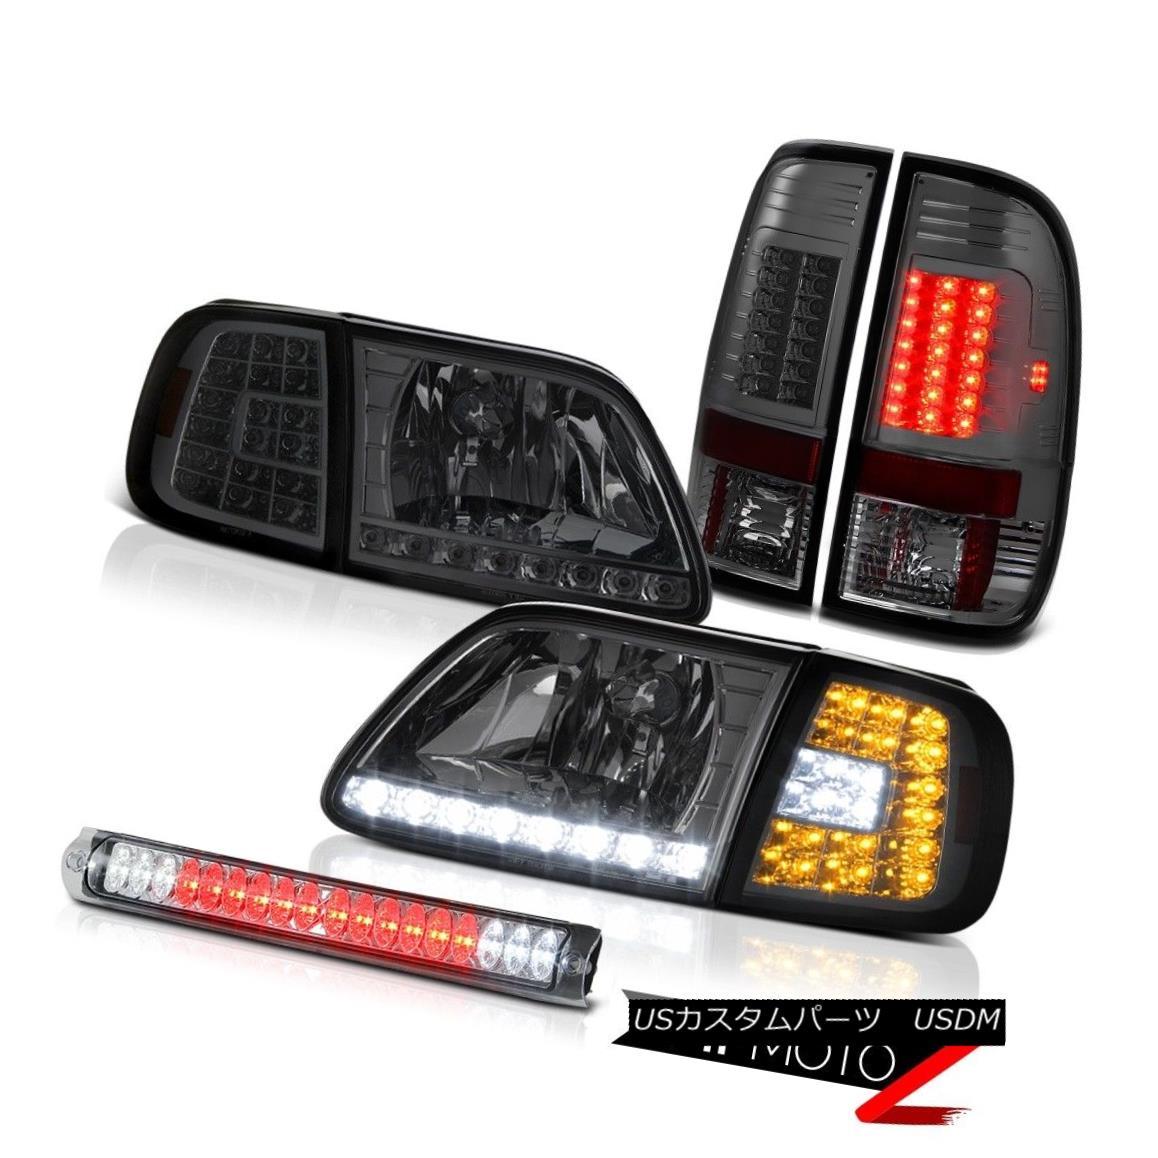 テールライト 97-03 F150 4.6L Corner SMD DRL Headlight Smoke SMD Taillamps Roof Stop LED Clear 97-03 F150 4.6LコーナーSMD DRLヘッドライトスモークSMDタイルランプルーフストップLEDクリア